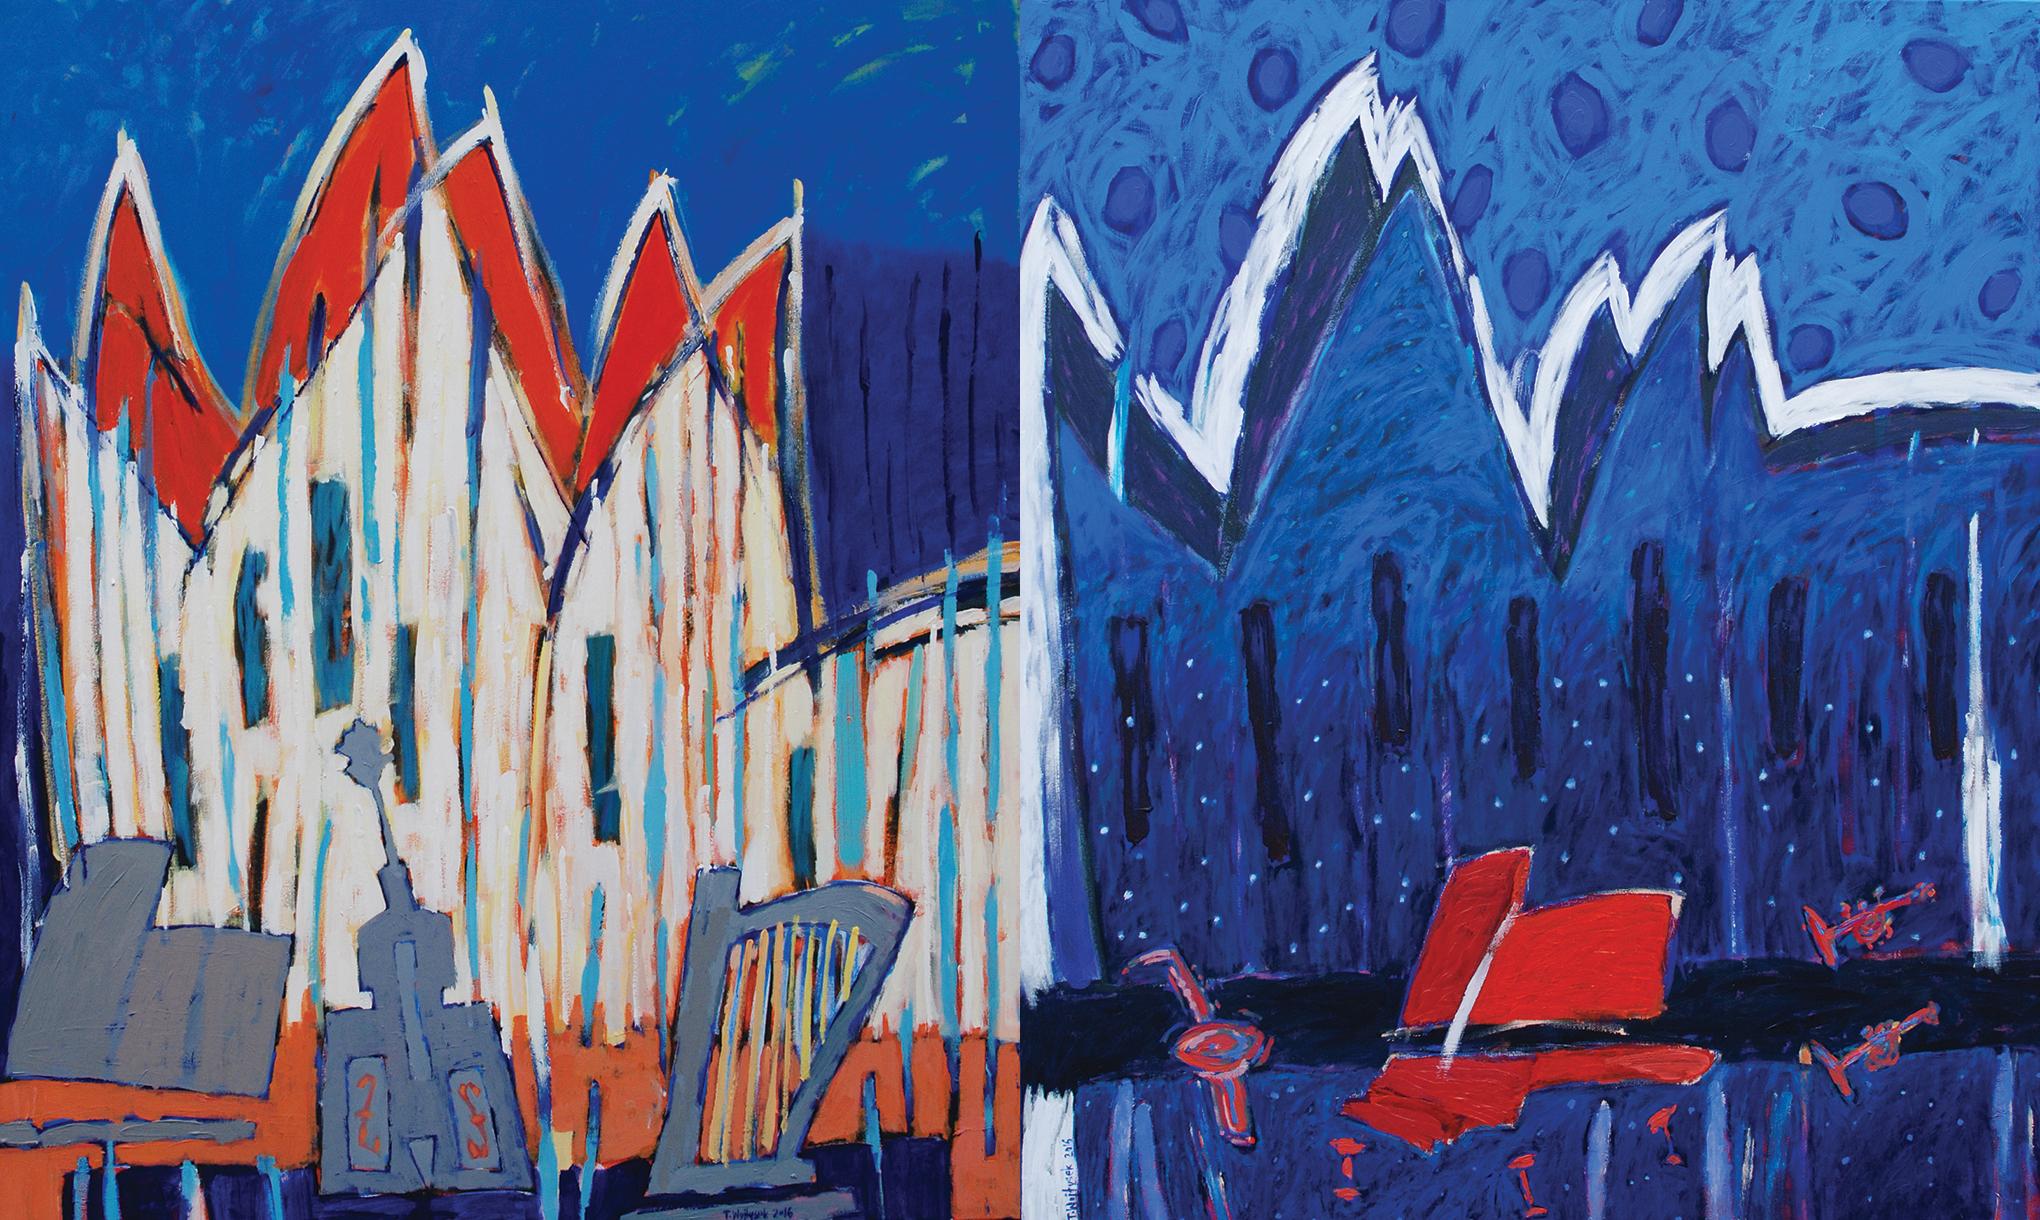 Tomasz Wojtysek, Kocert w Szczecinie 3, 2016, akryl na płótnie, 120x100cm; Koncert w Szczecinie 2, 2016, akryl na płótnie, 120x100